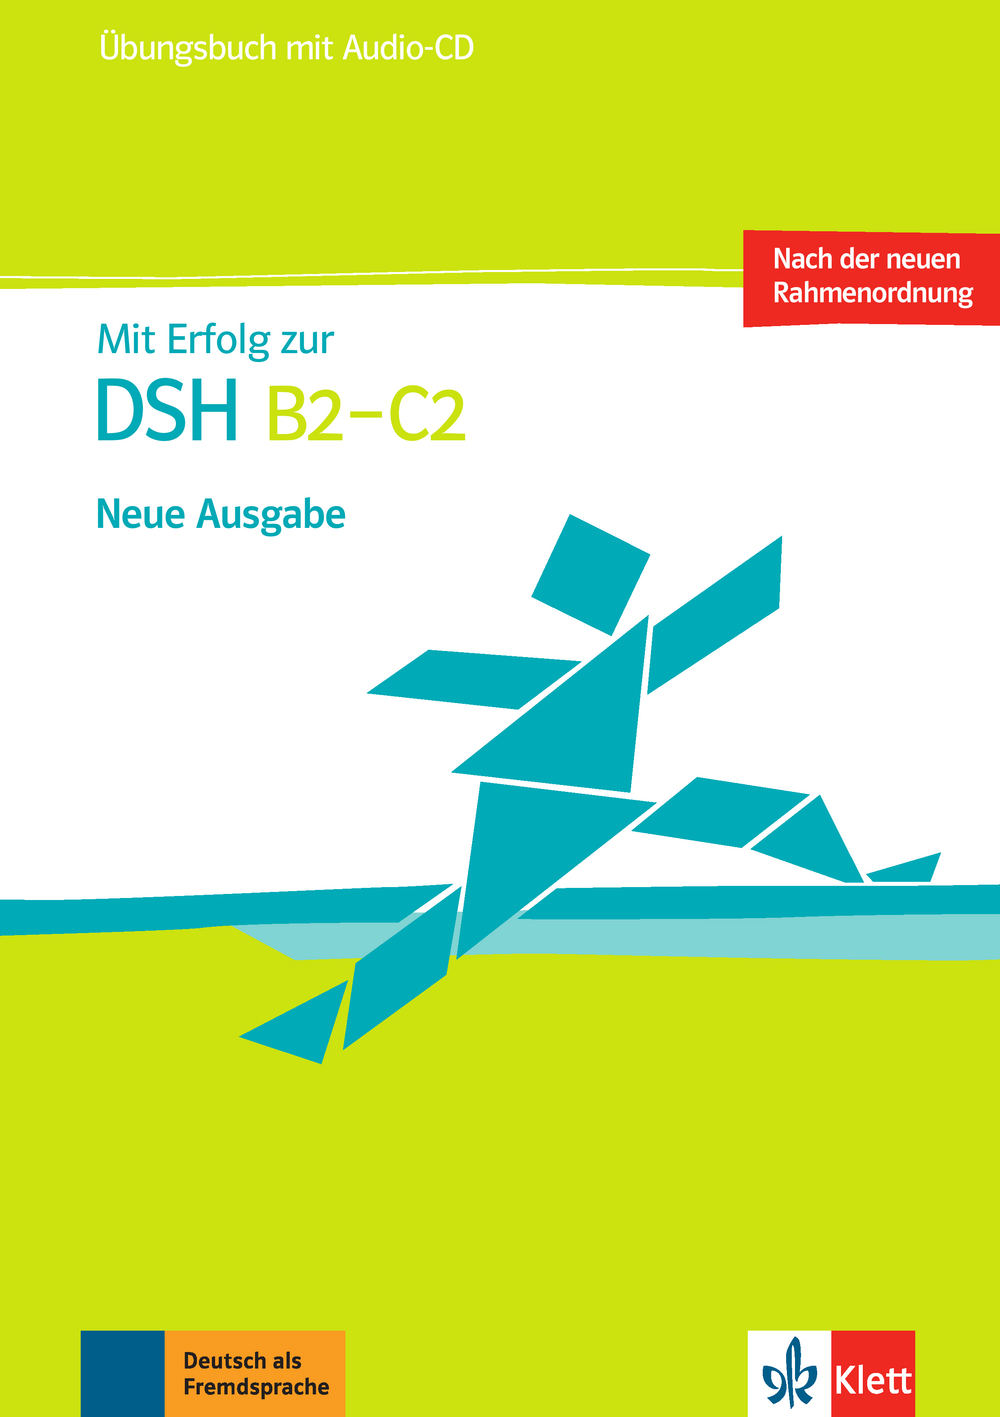 Mit Erfolg zur DSH B2 - C2